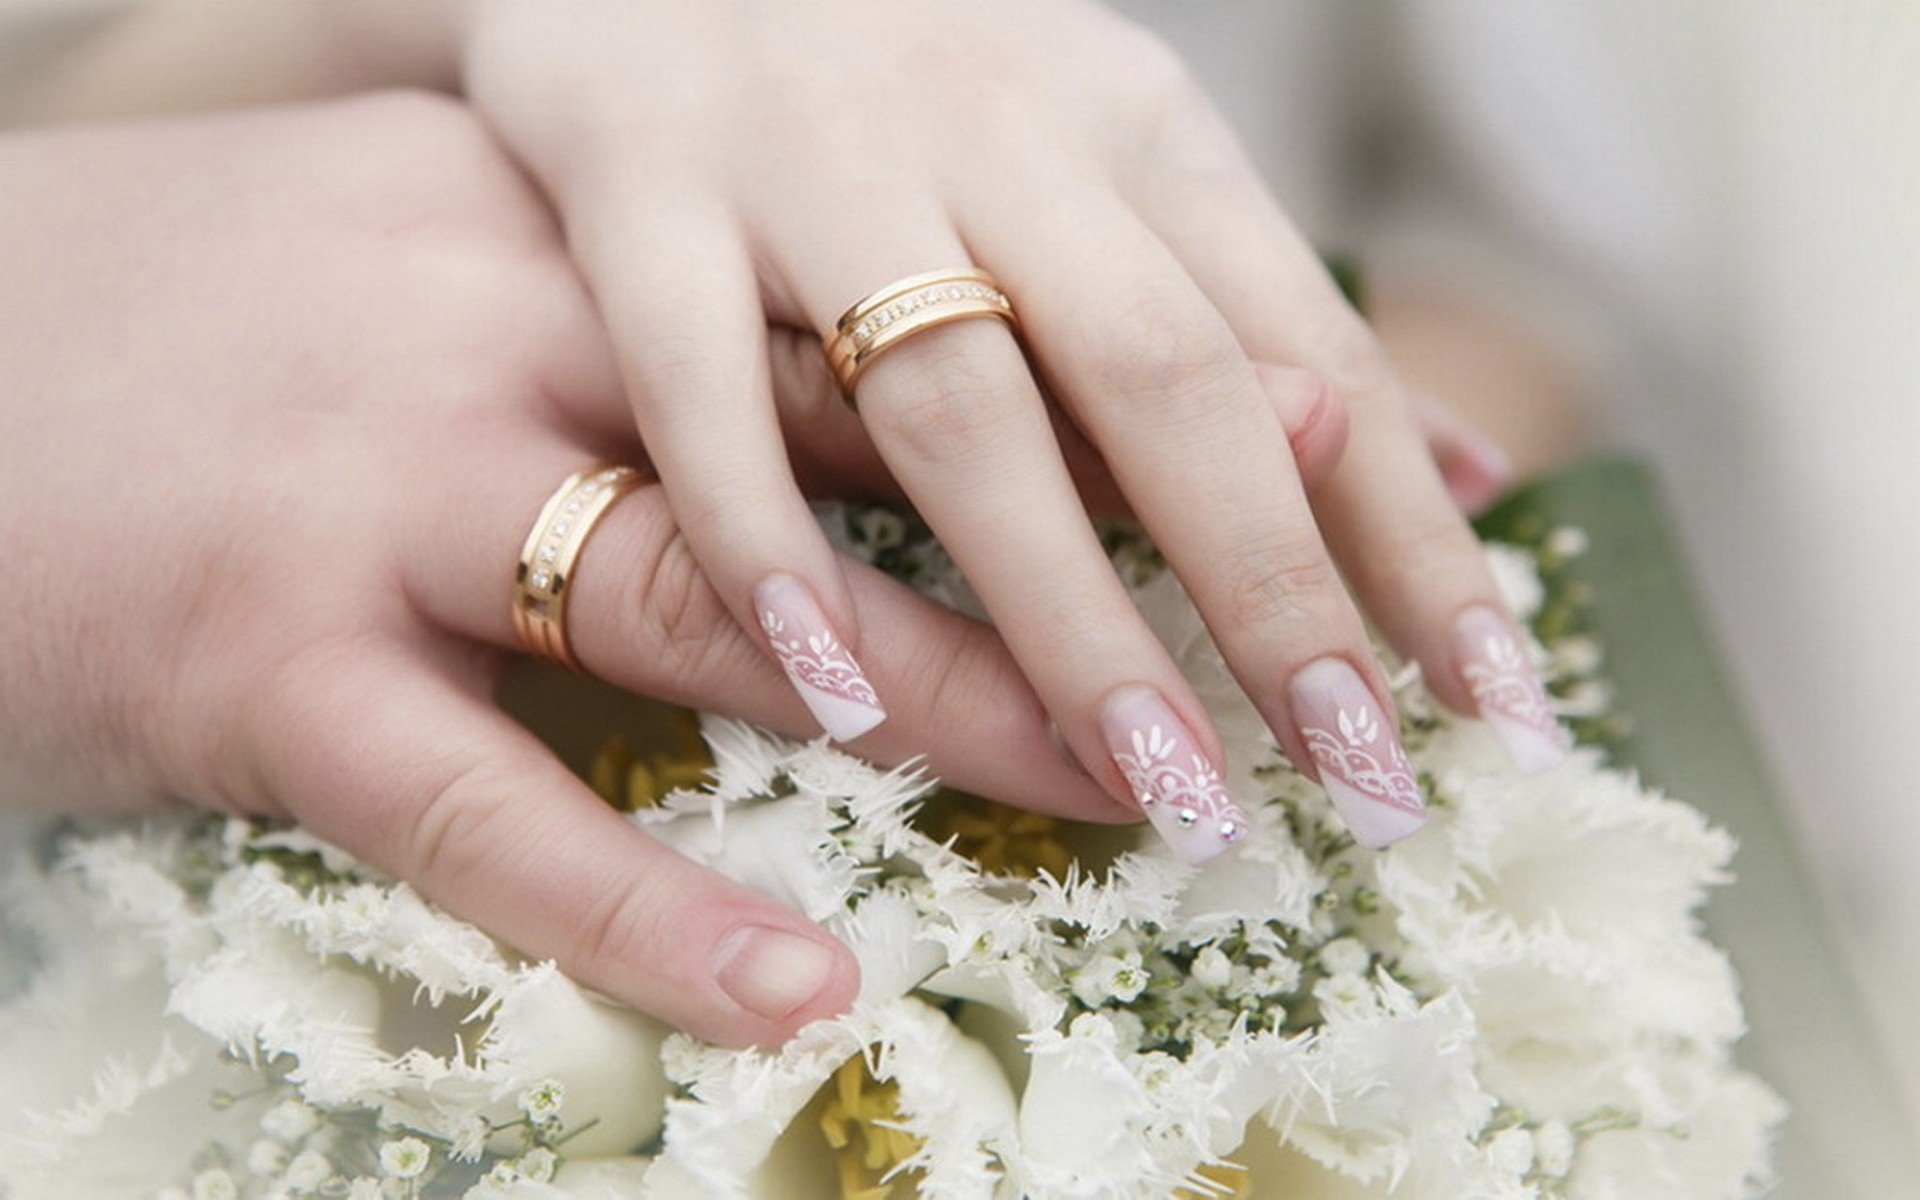 Весільний манікюр 2020: актуальні варіанти дизайну на будь-який смак (фото) - today.ua